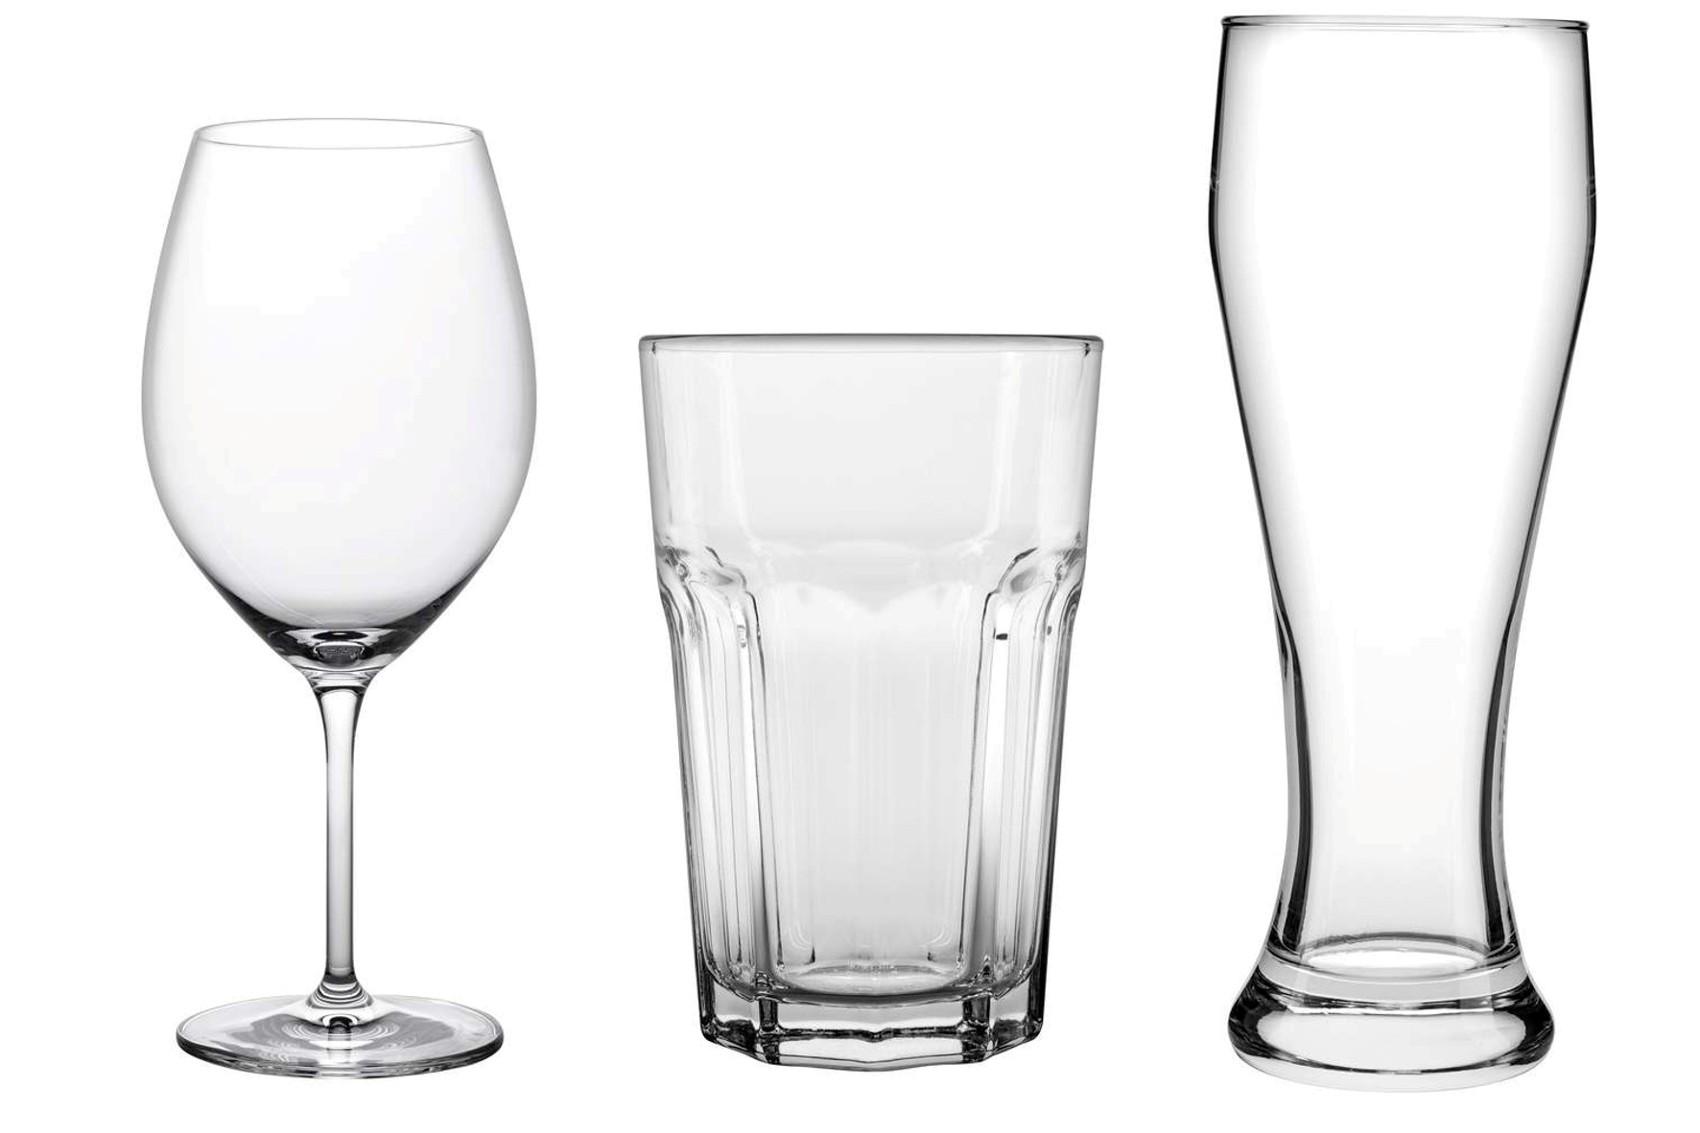 Weinglas, Caipirinha-Glas, Weizenbier-Glas